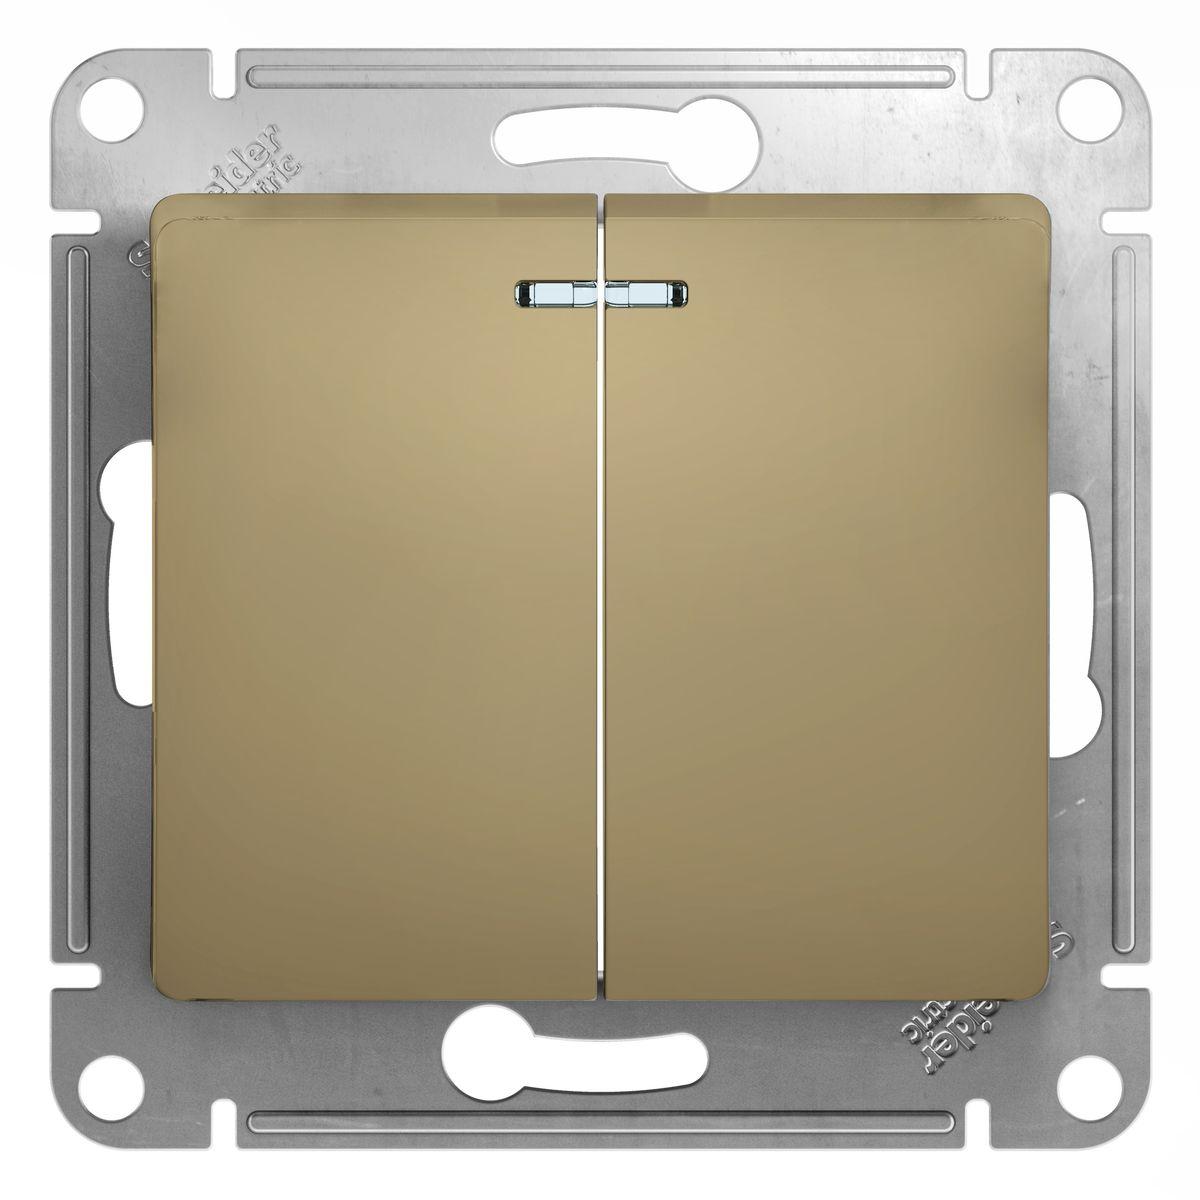 Schneider Electric GLOSSA Выключатель 2 клав. с подсв., 10AX-250В, титан (1)GSL000453